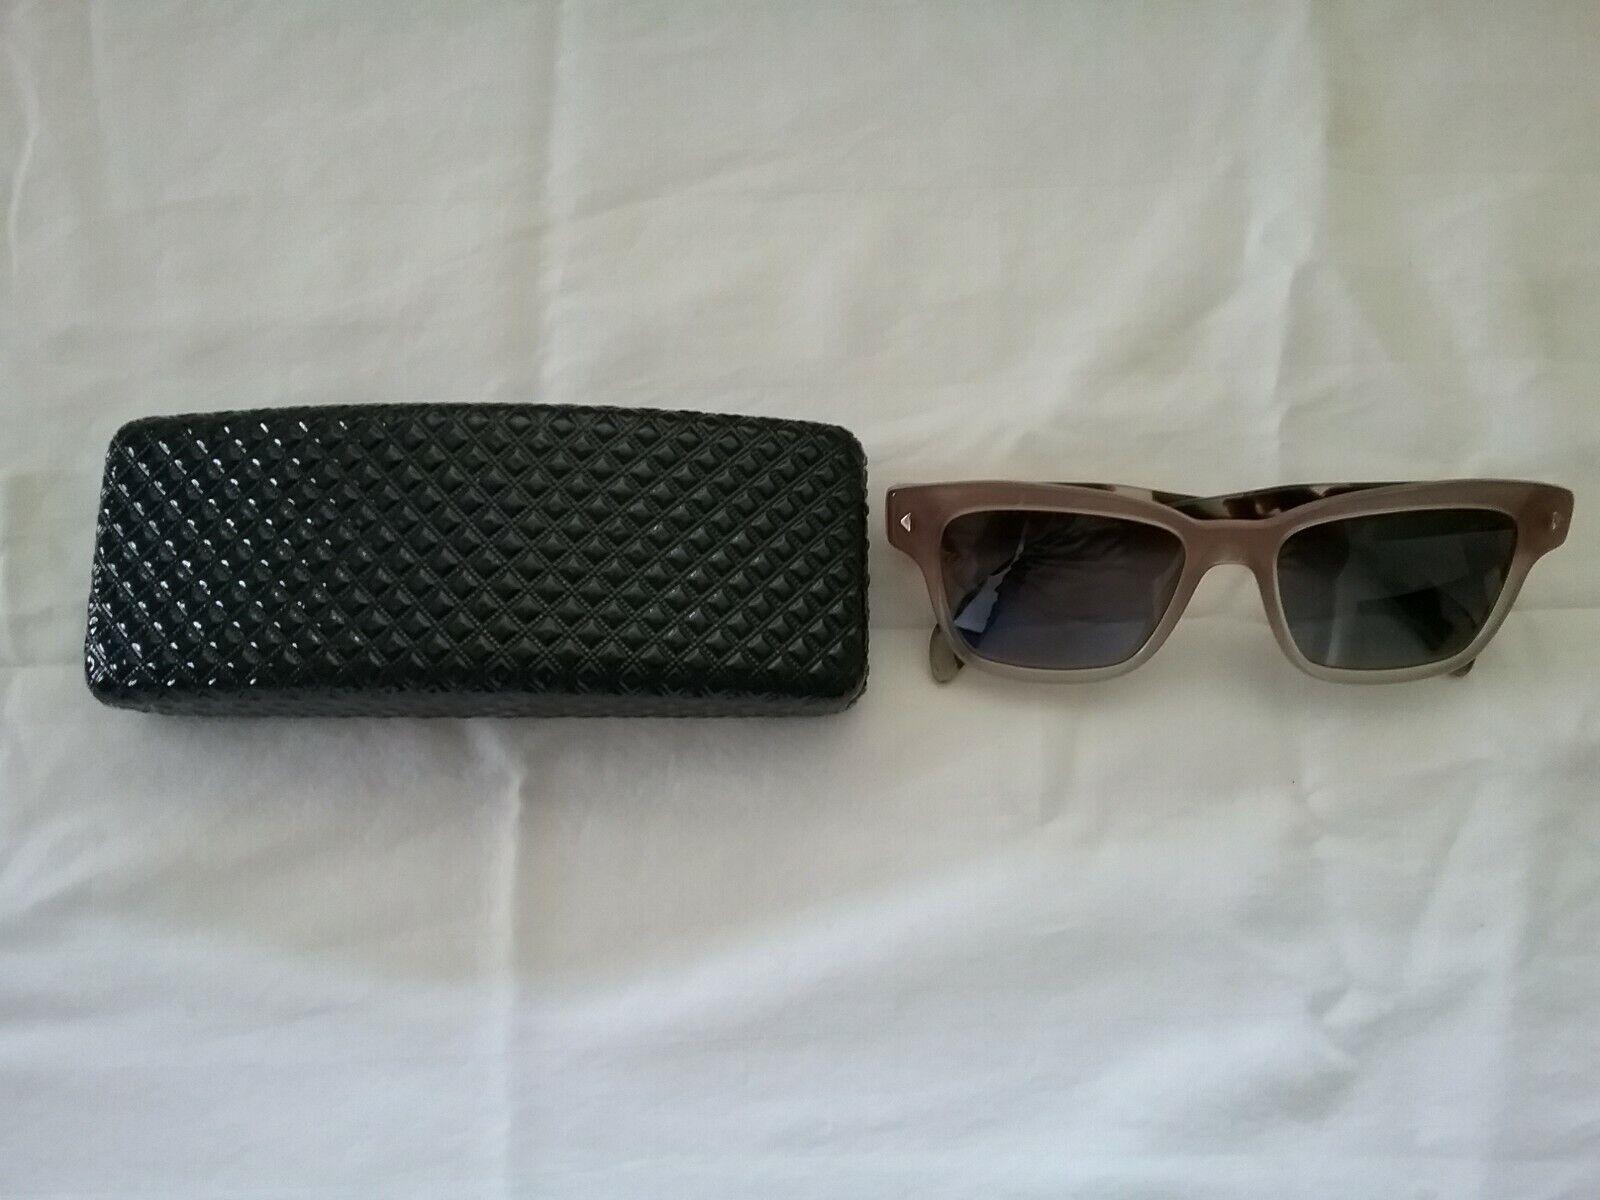 100% Authentic PRADA Sunglasses RX Frames VPR 1OS UBI-1O1 Brown Gradient Italy